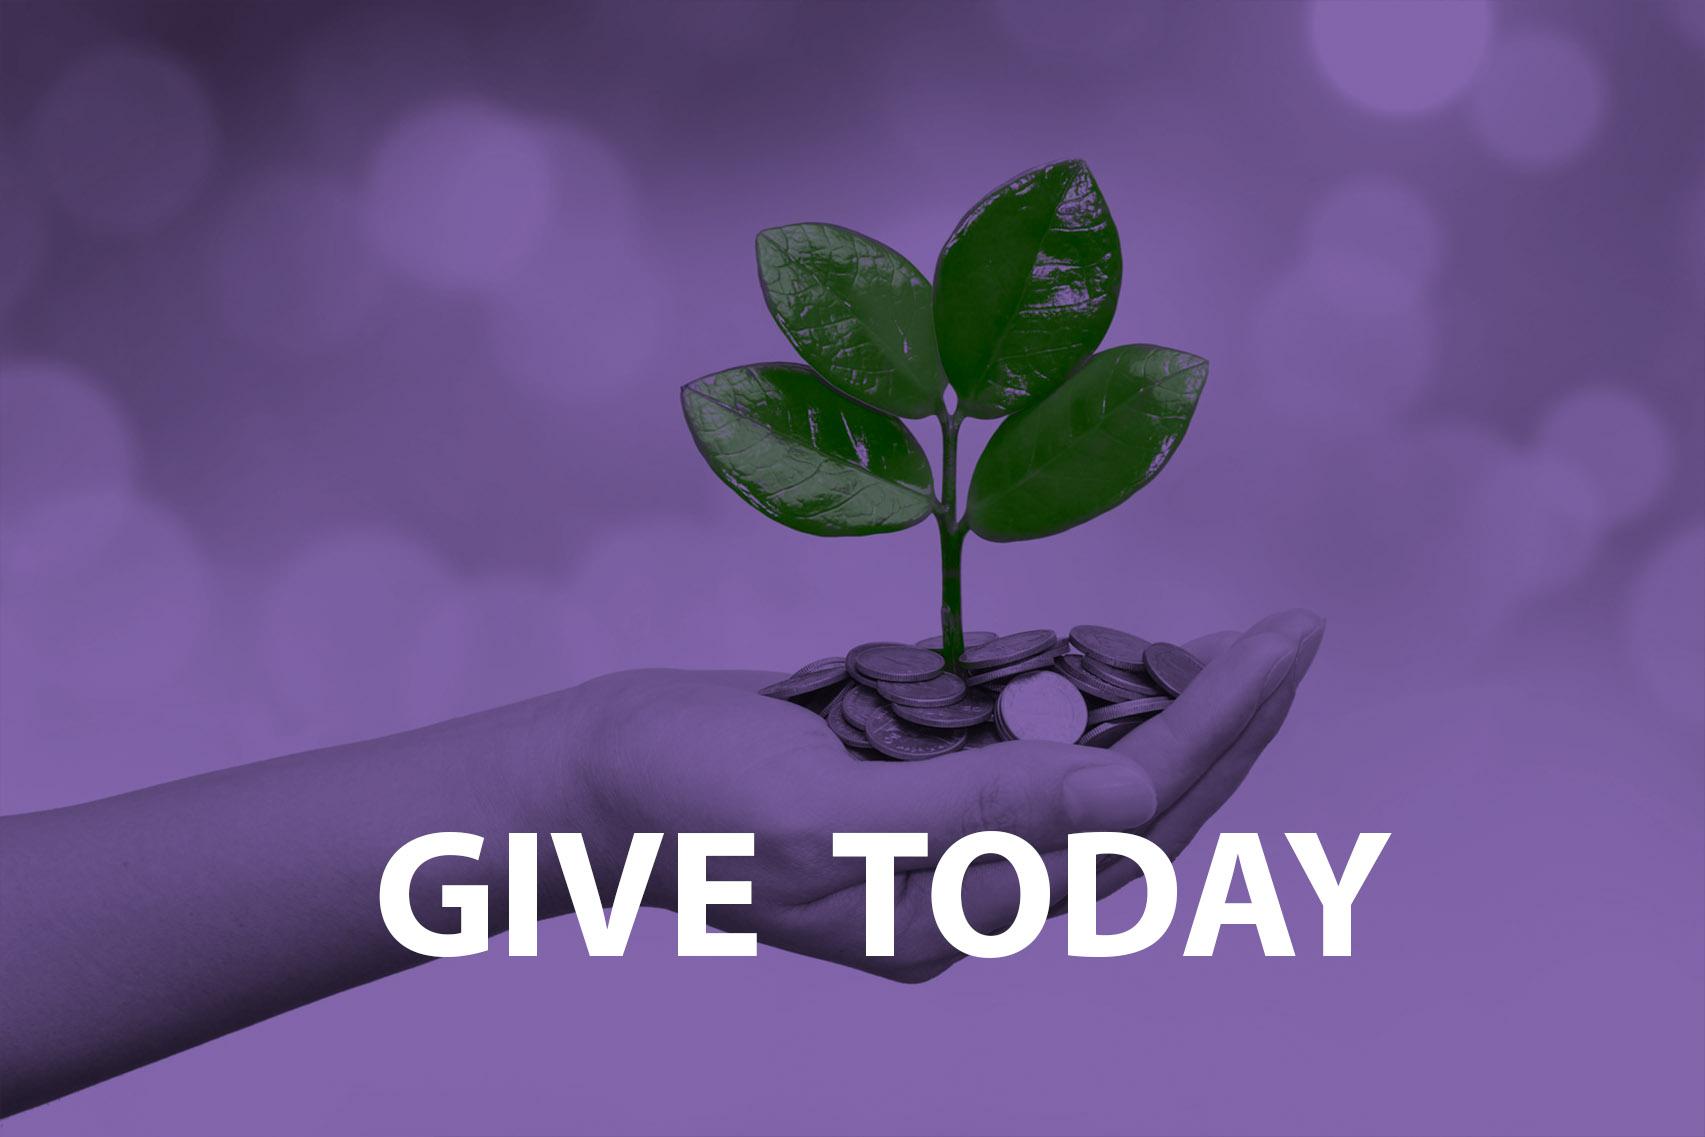 YBHOME-Give.jpg